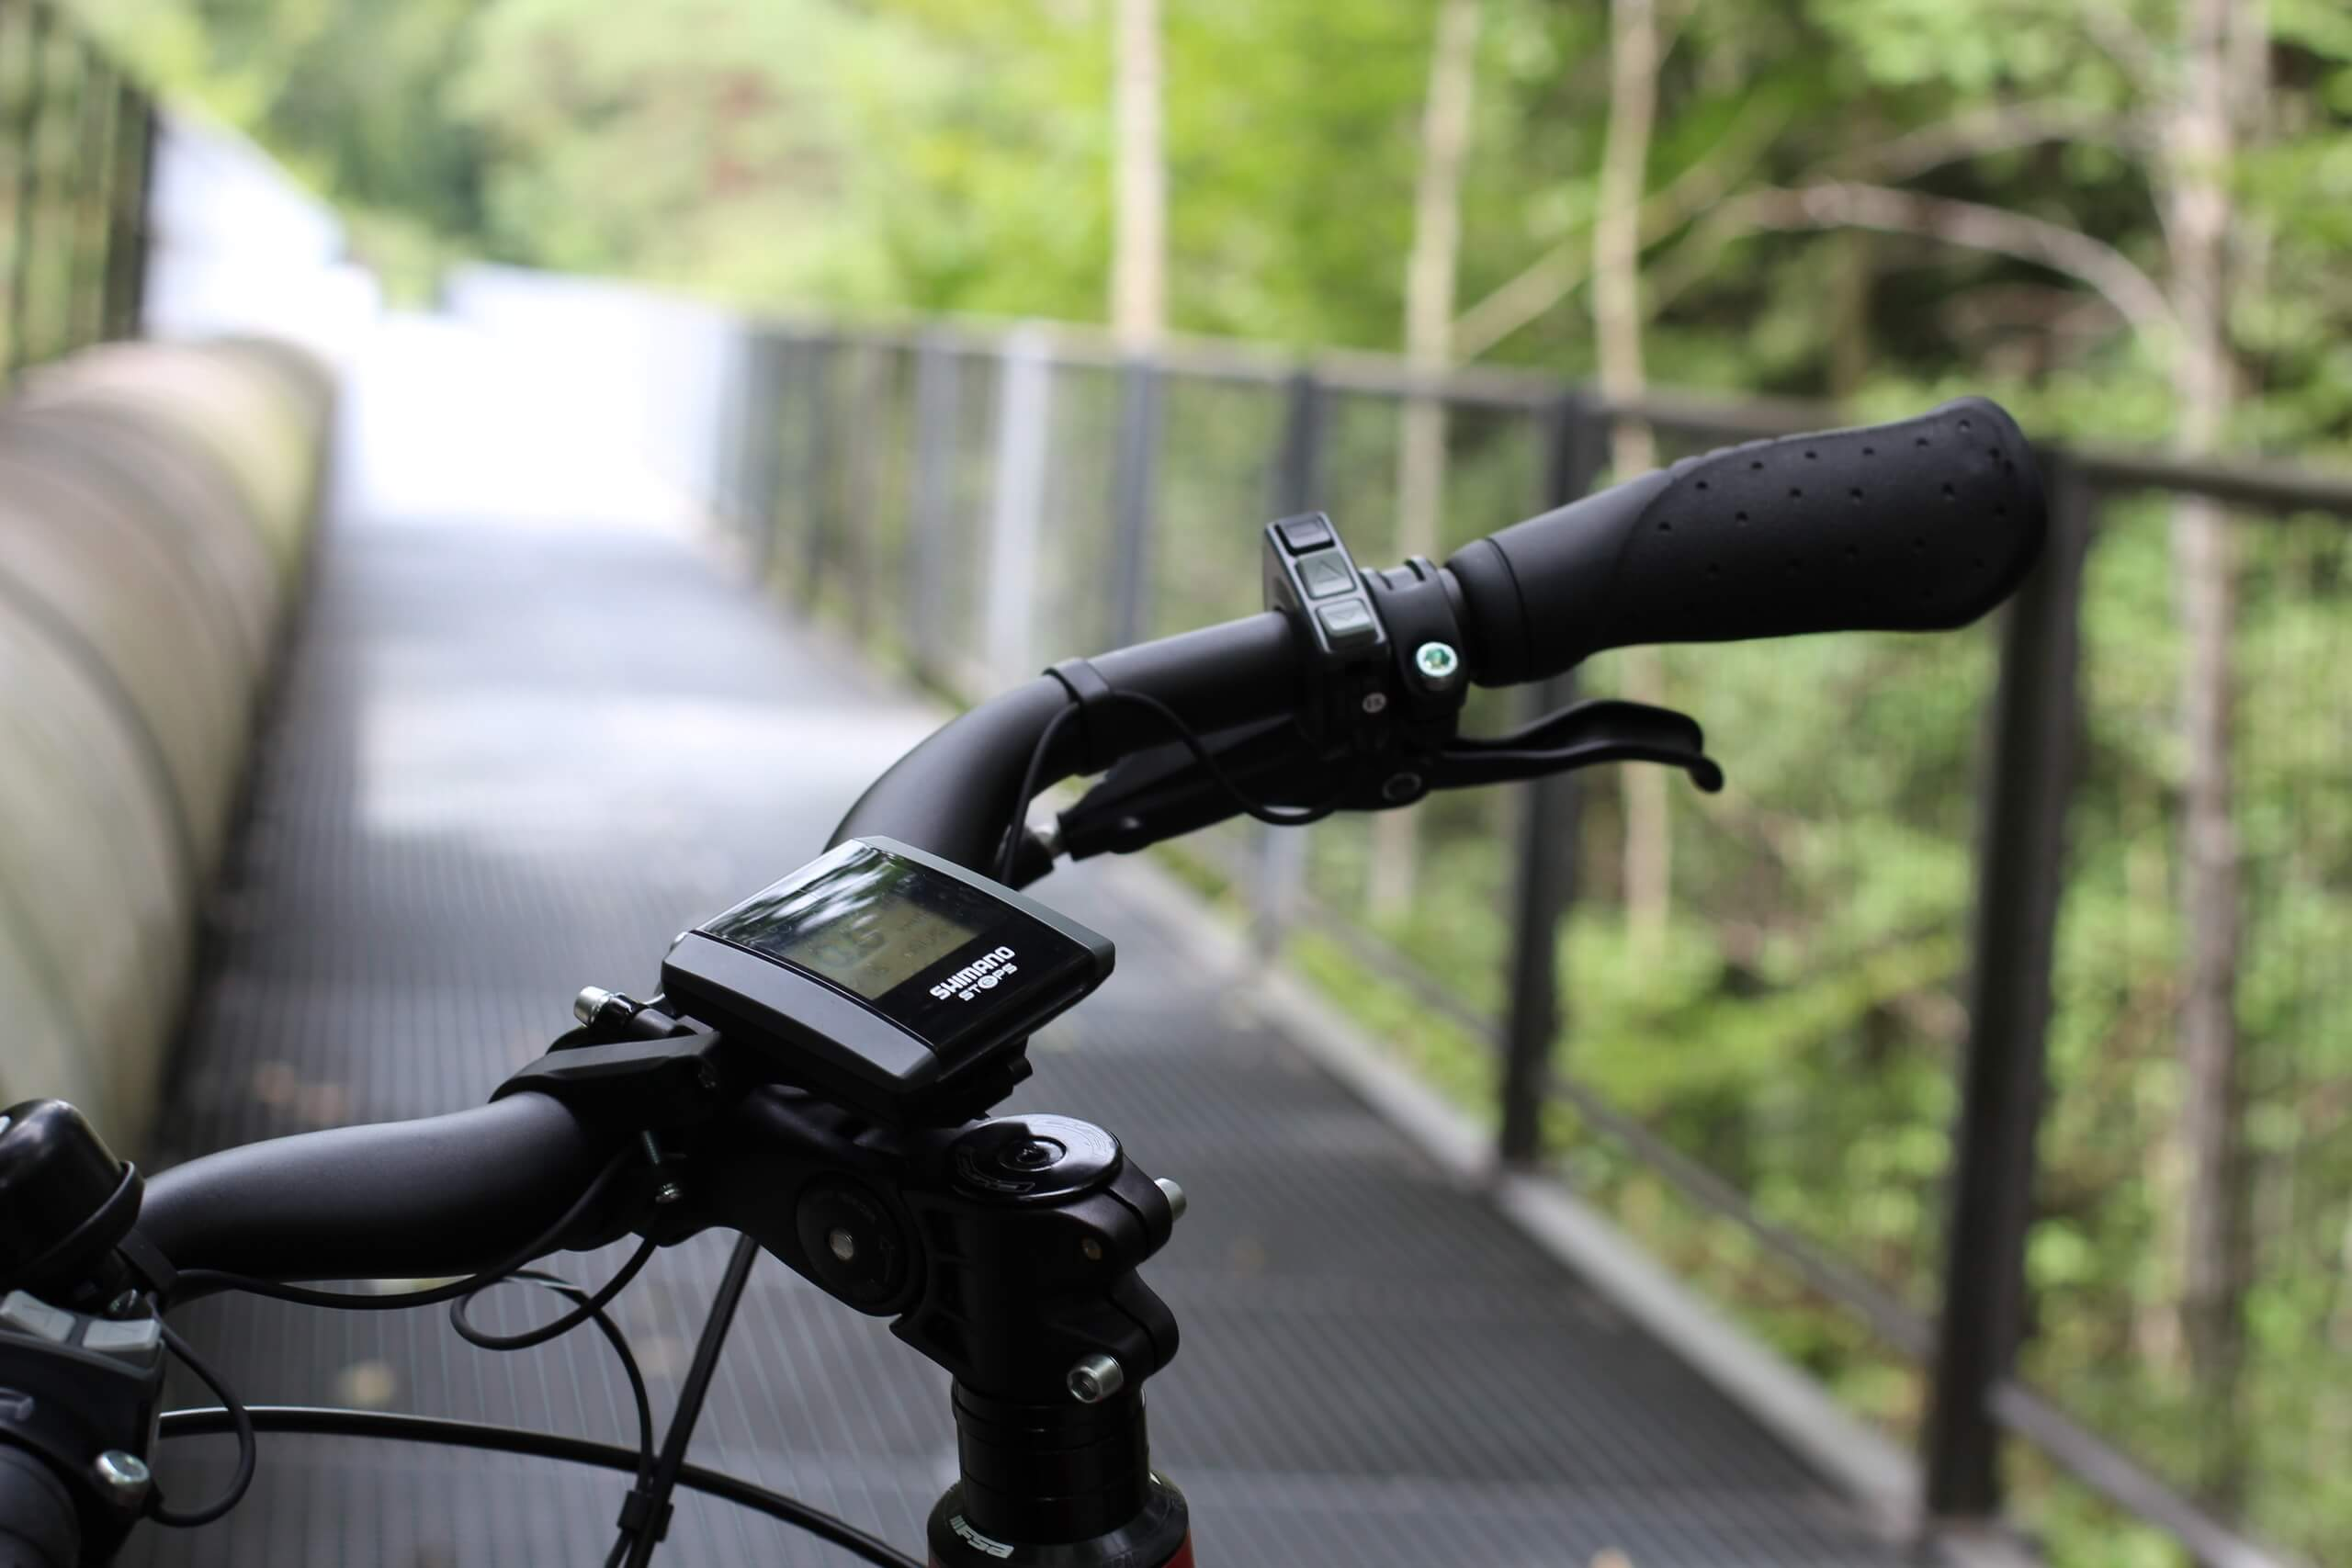 spiez-e-bike-vermietung-bruecke-sommer-tour